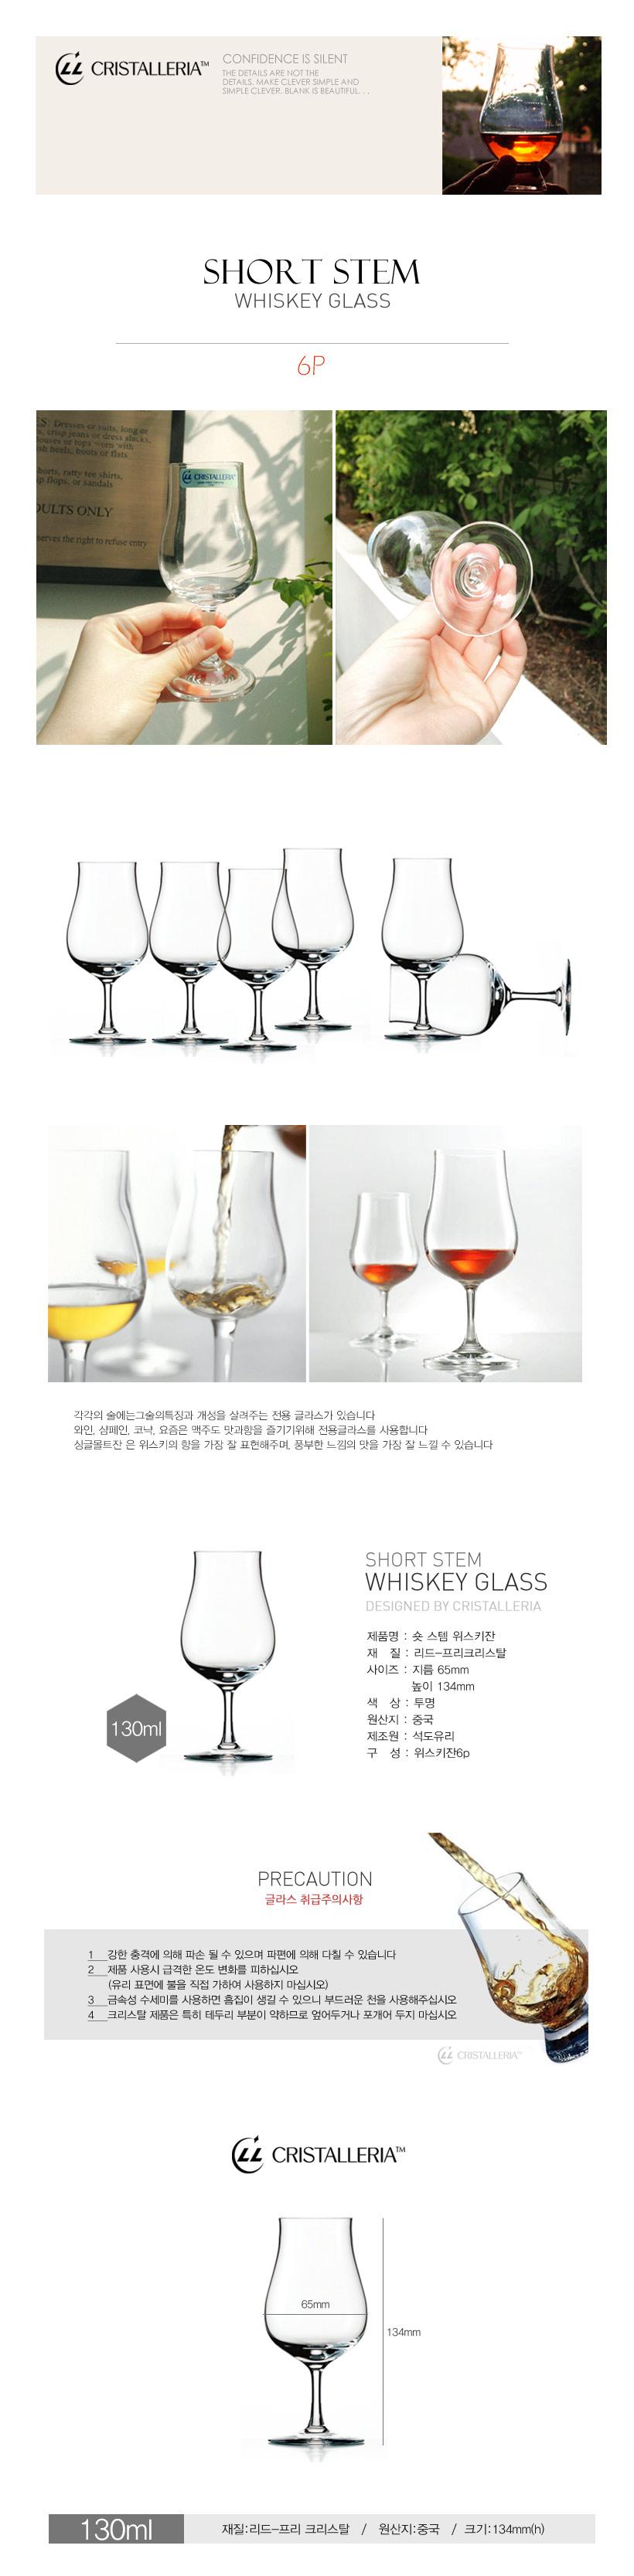 숏 스템 위스키잔 6P - 재미있는생활, 36,000원, 유리컵/술잔, 양주/위스키잔